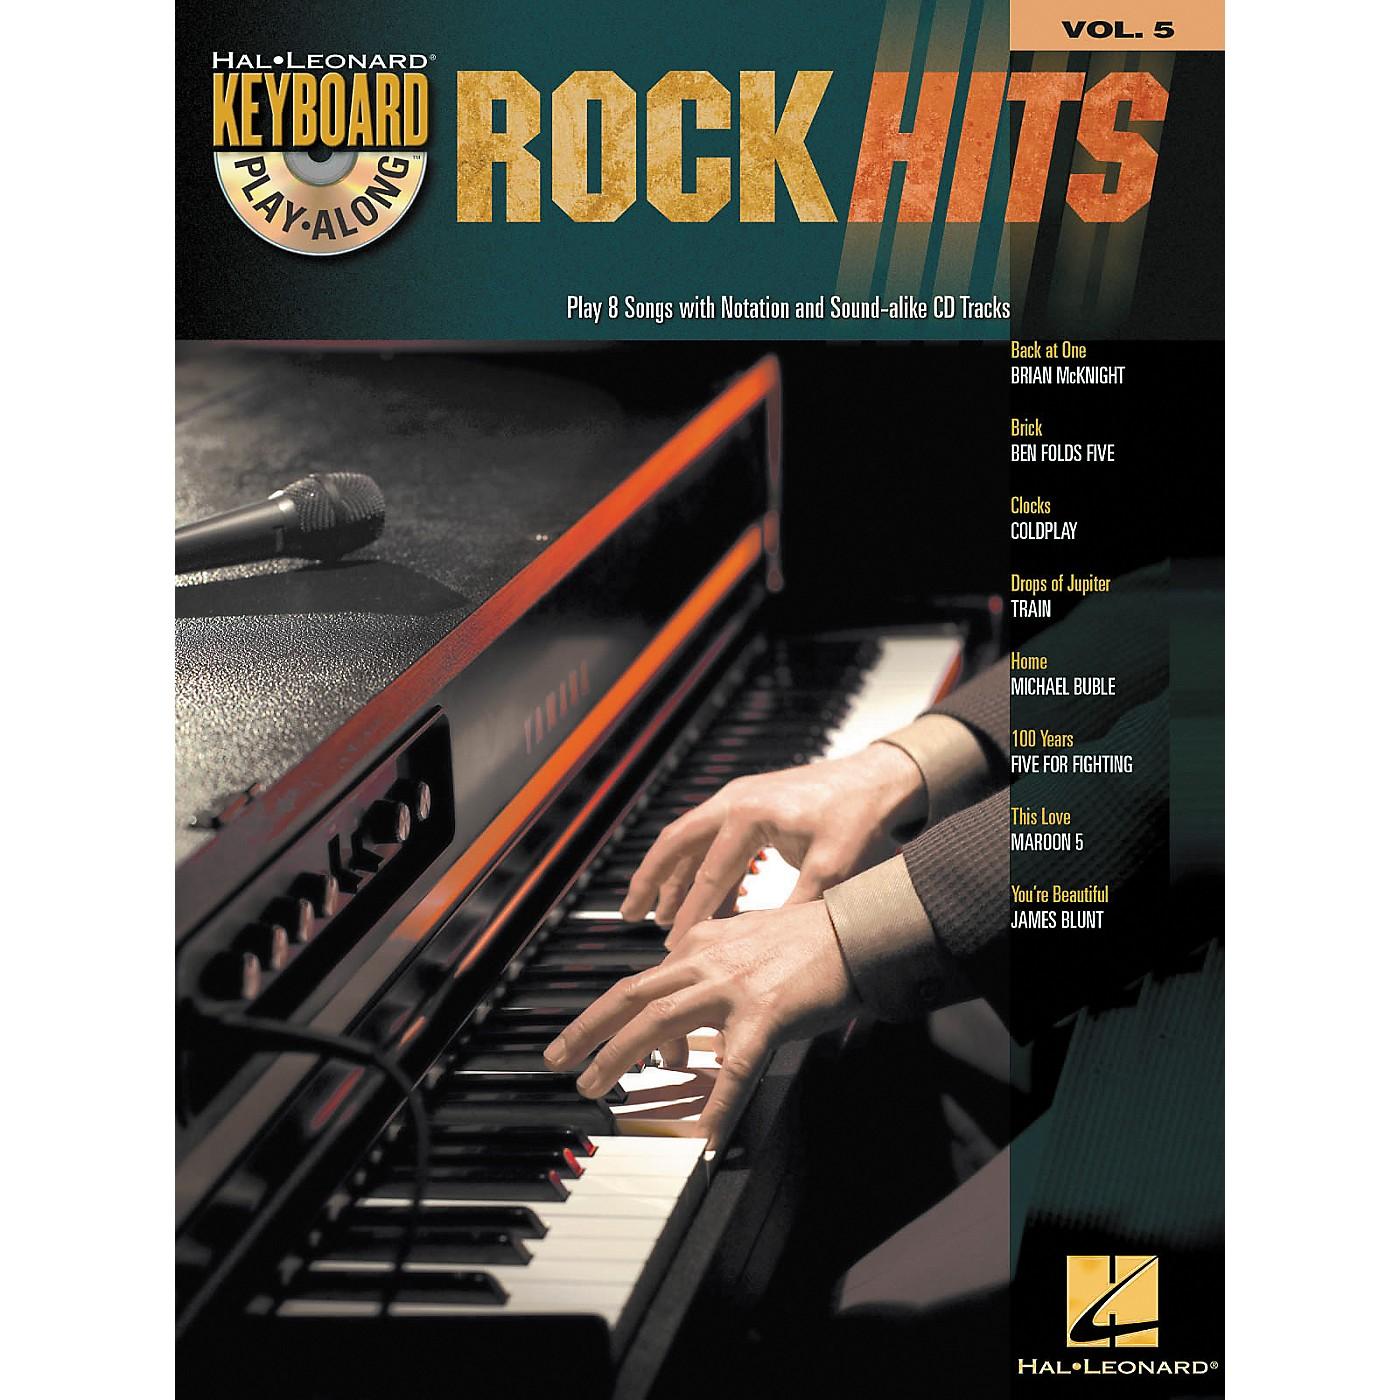 Hal Leonard Rock Hits - Keyboard Play-Along Series Volume 5 Book and CD thumbnail